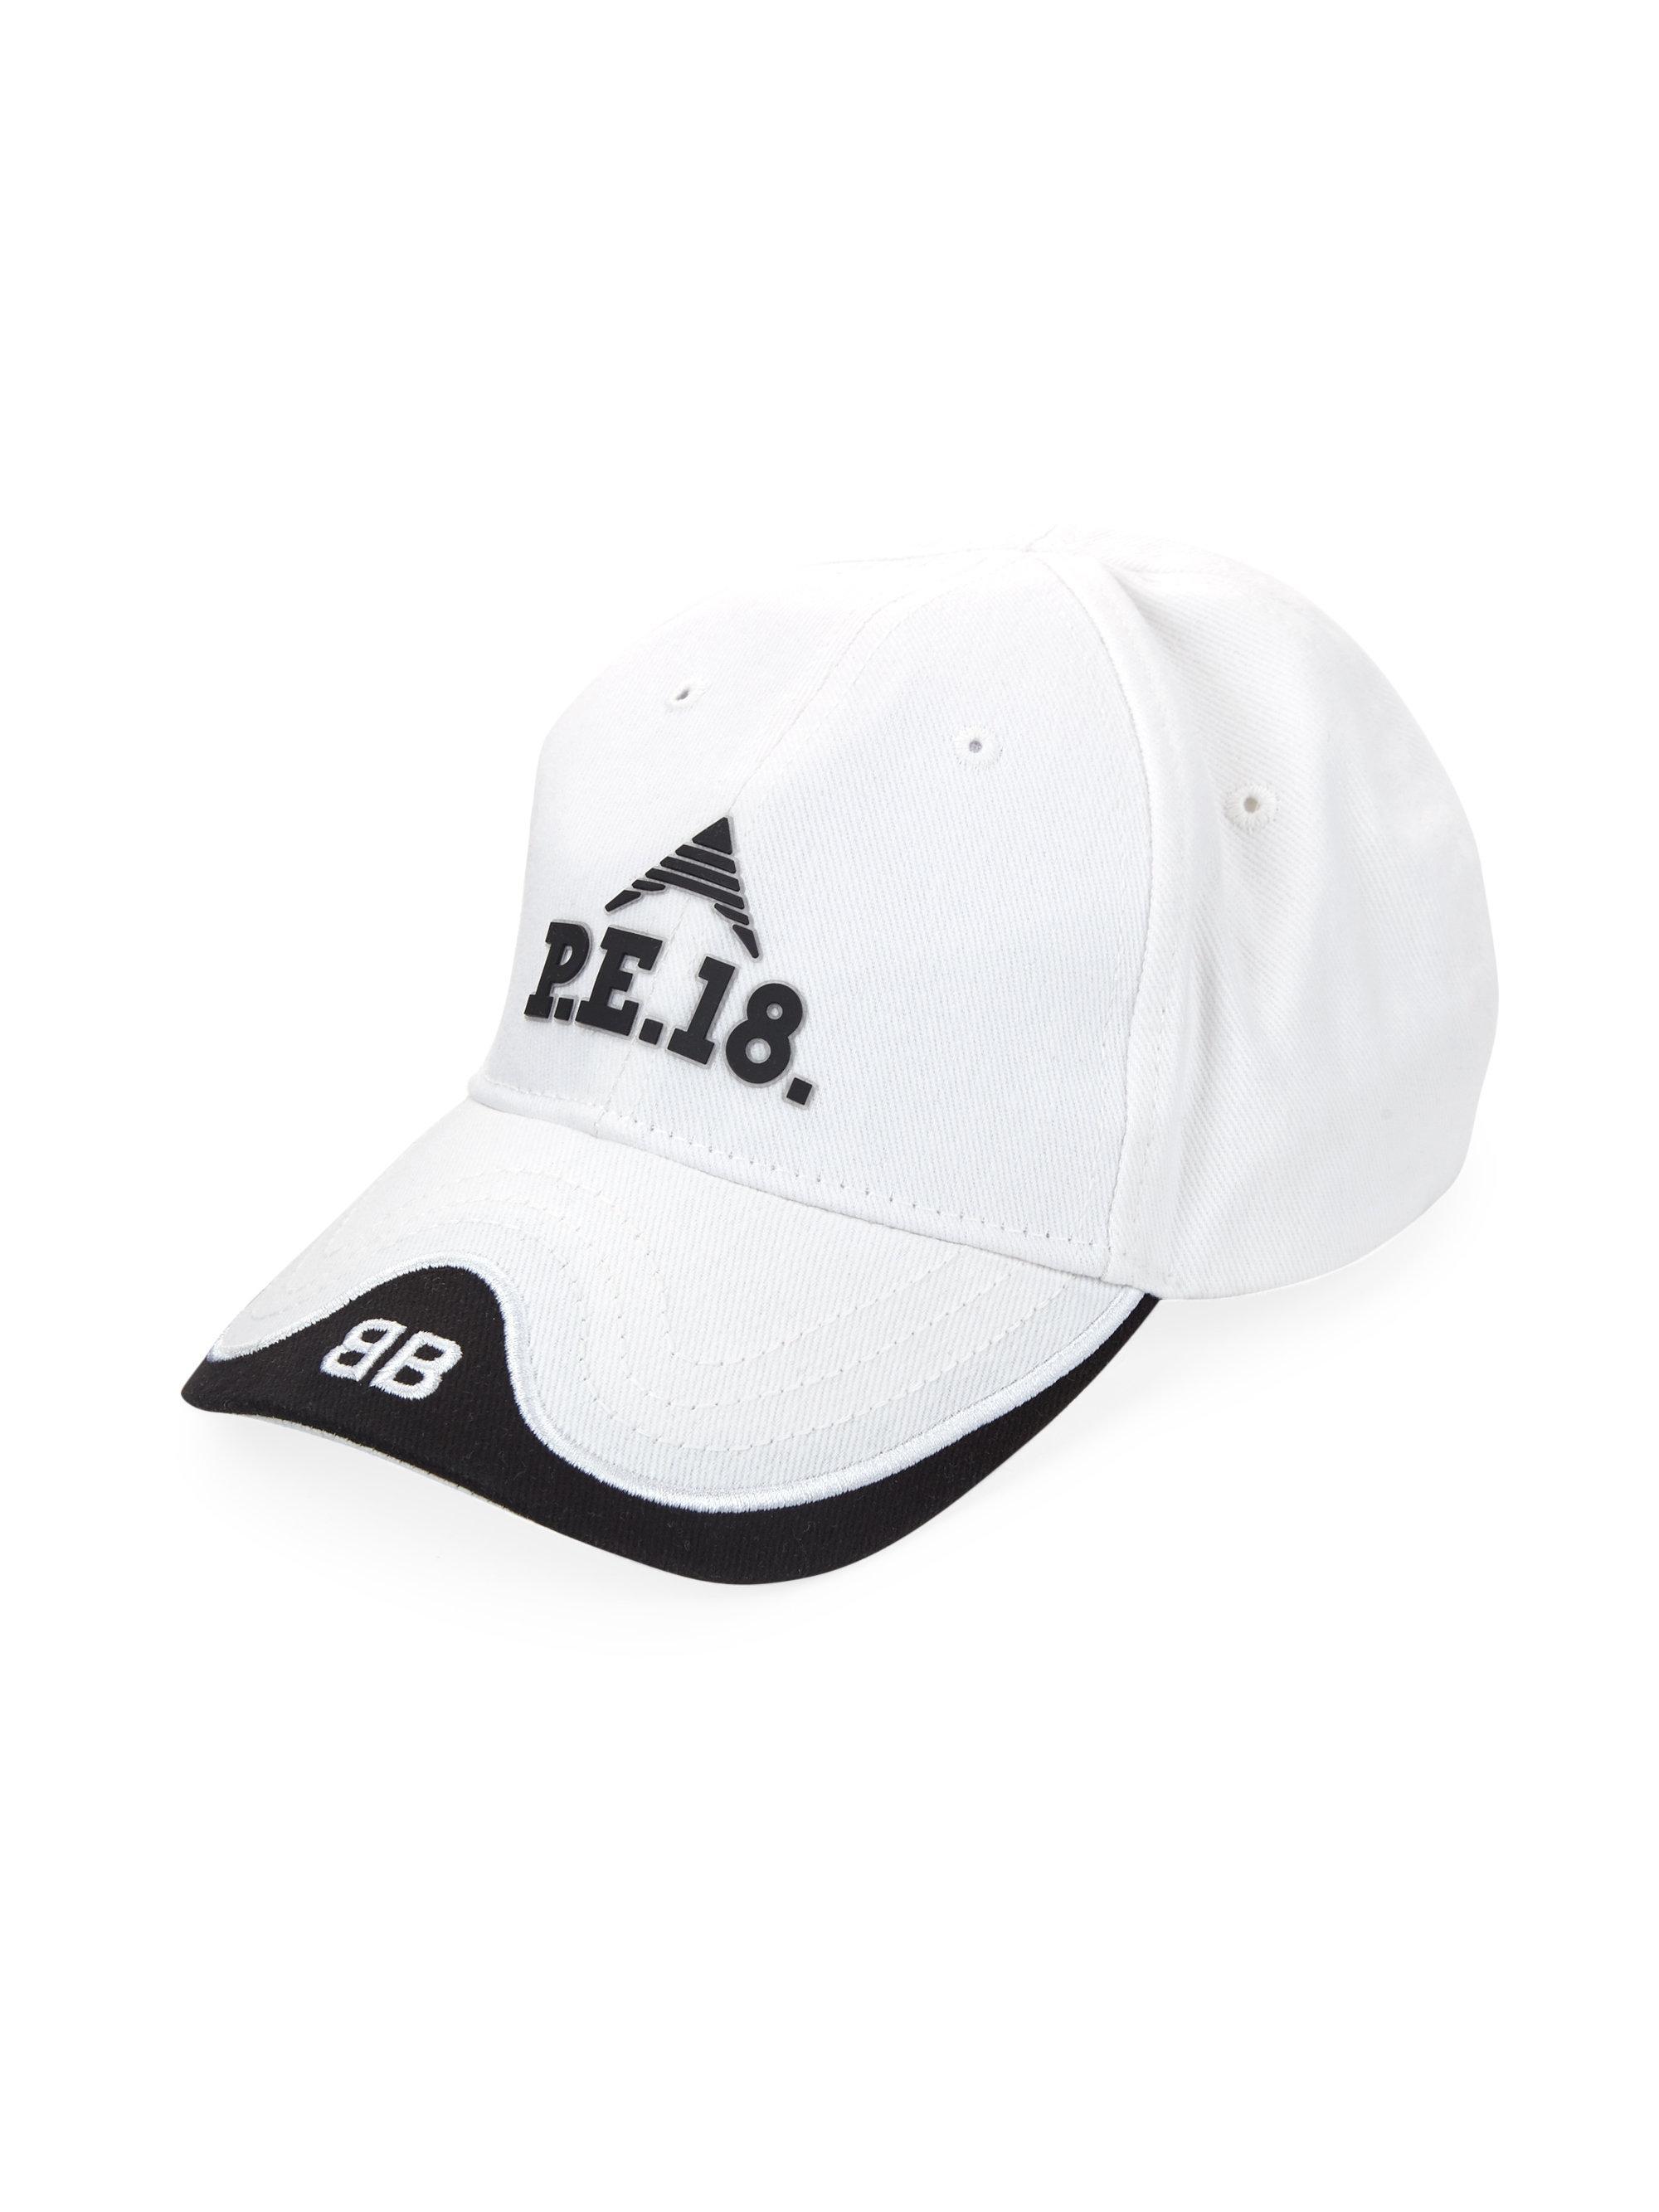 2895db816db Balenciaga P.e. 18 Baseball Cap in White - Lyst